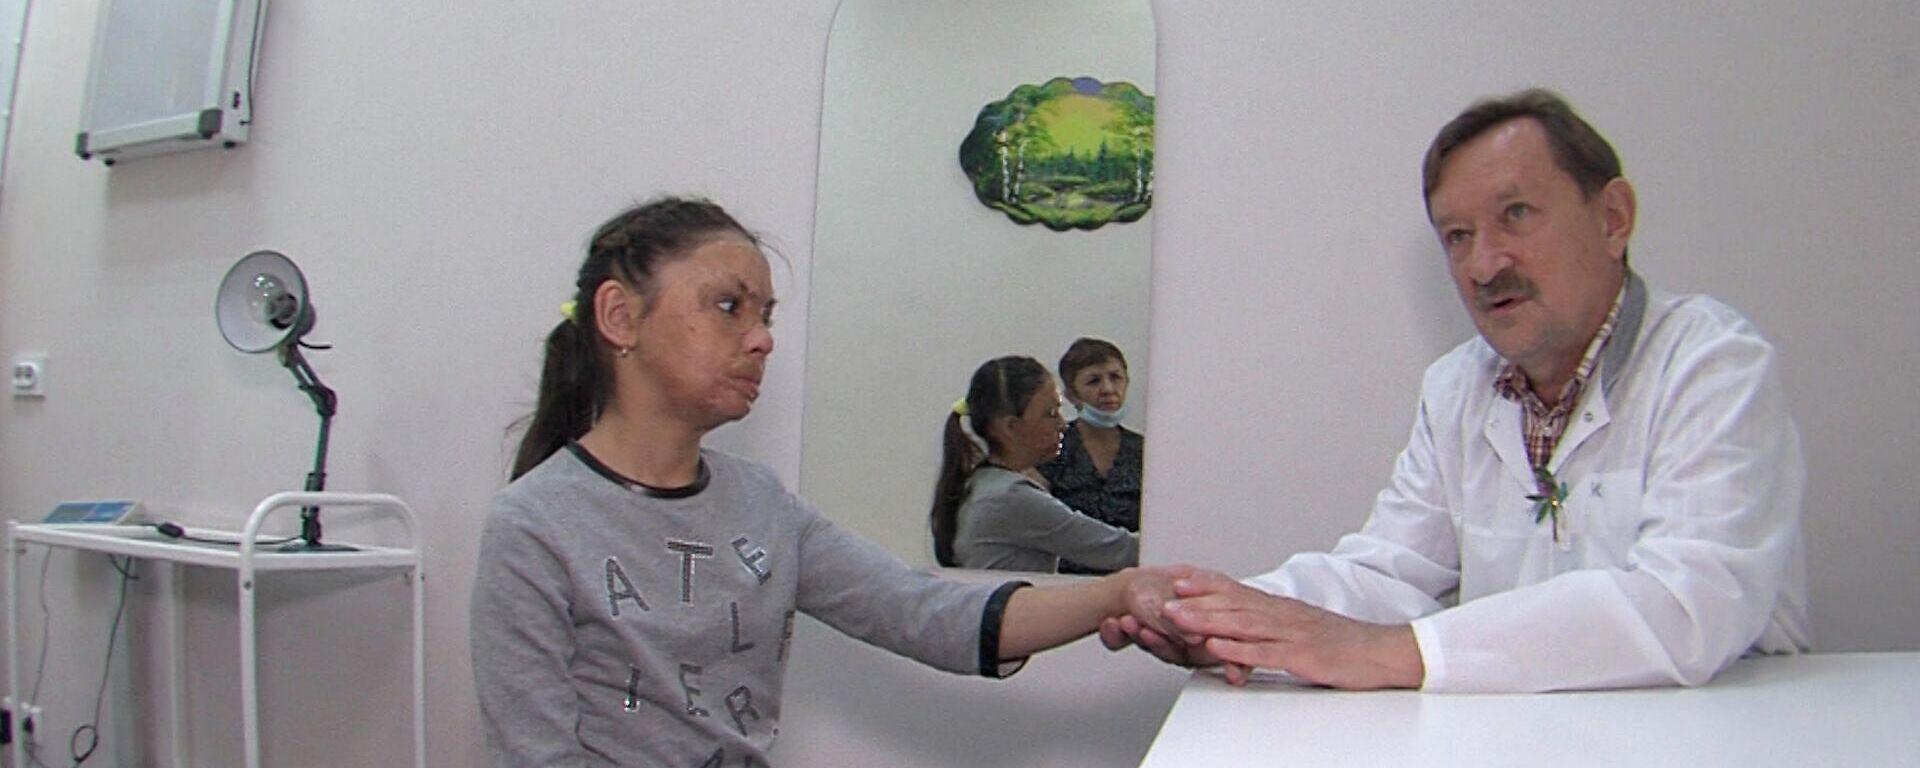 Πλαστικός χειρούργος βοήθησε κοριτσάκι με σοβαρά εγκαύματα να αποκτήσει καινούριο πρόσωπο - Sputnik Ελλάδα, 1920, 23.09.2021